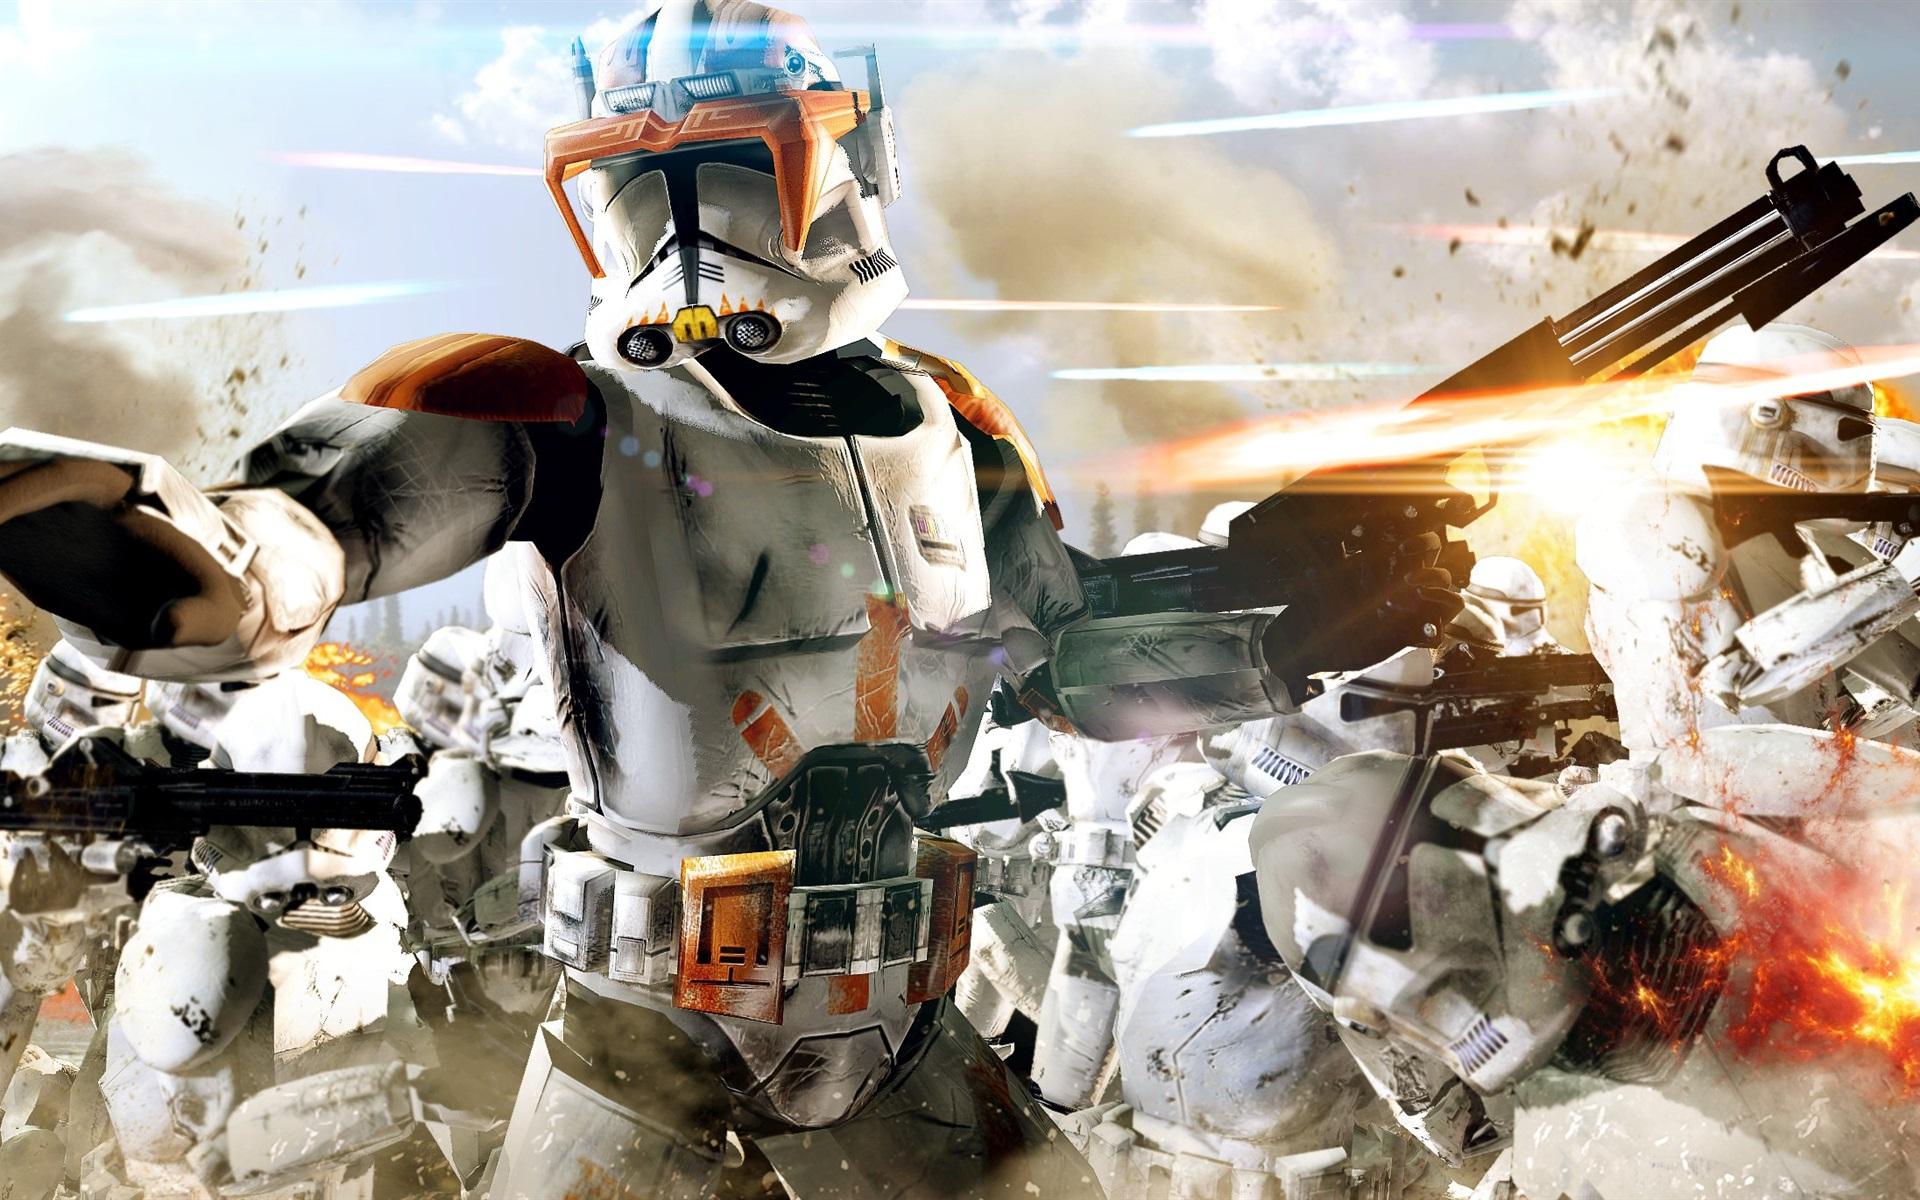 Star Wars Die Klonkriege 1920x1200 Hd Hintergrundbilder Hd